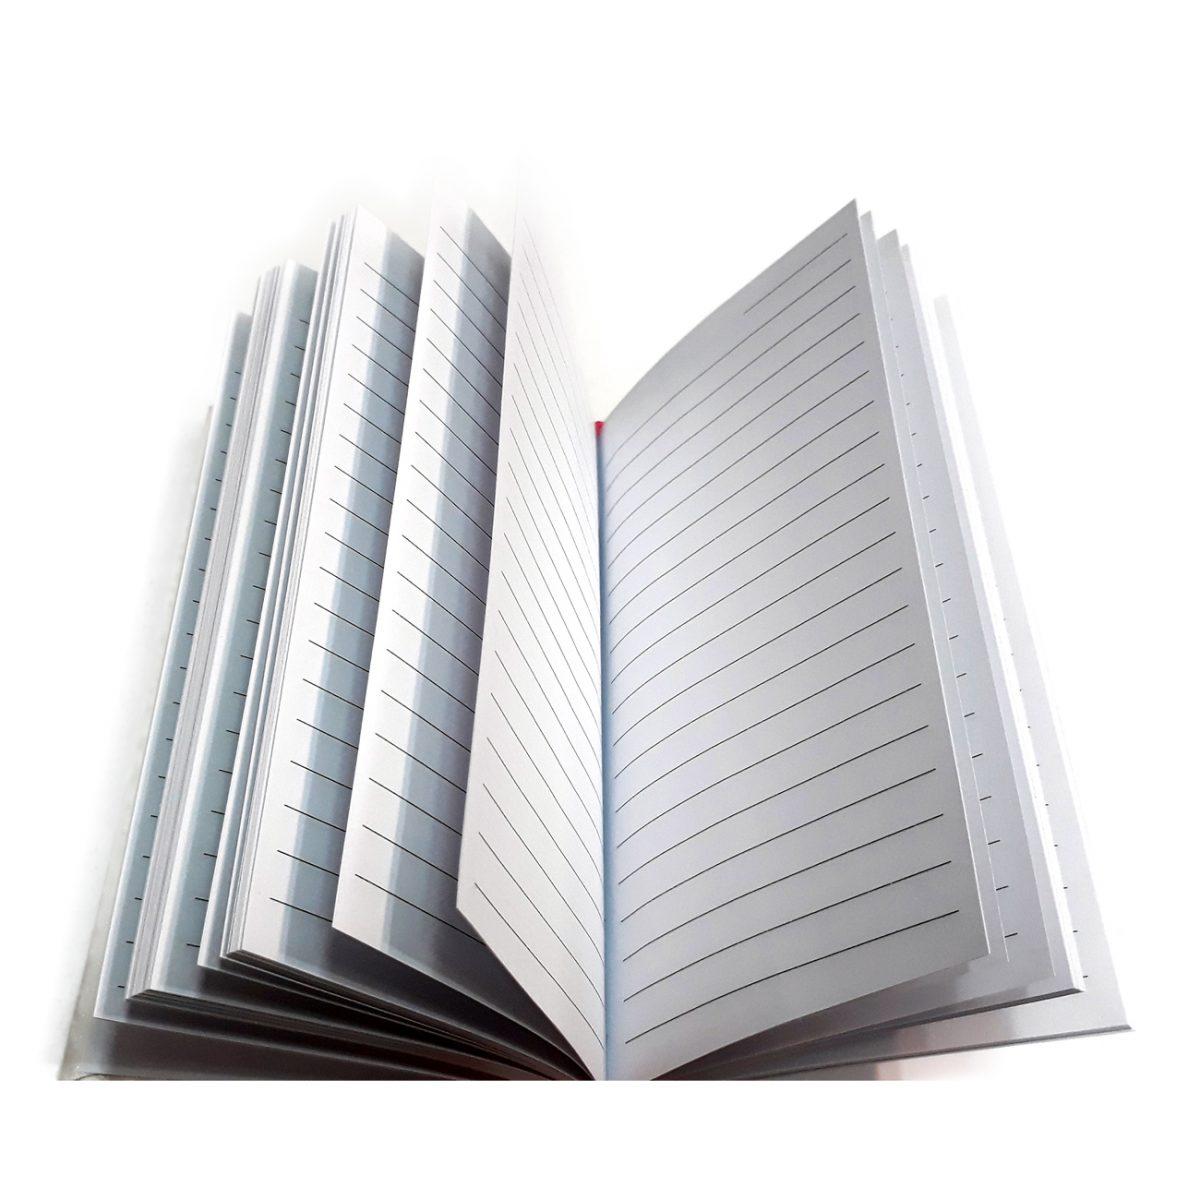 دفتر یادداشت پالتویی گالینگور طرح فانتزی